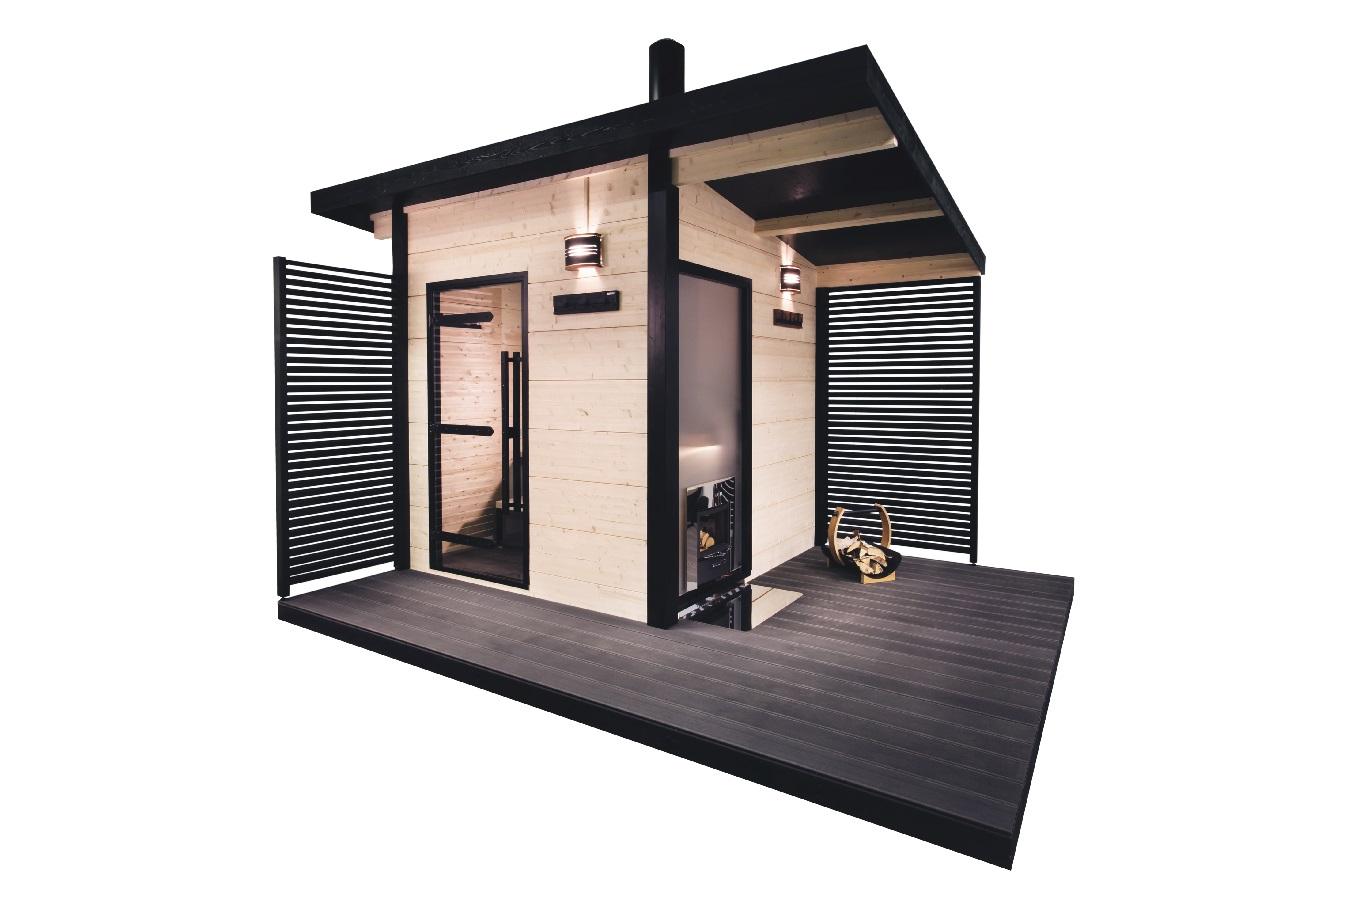 Sauna D Extérieur le sauna d'extérieur harvia « solide »   bois et sauna